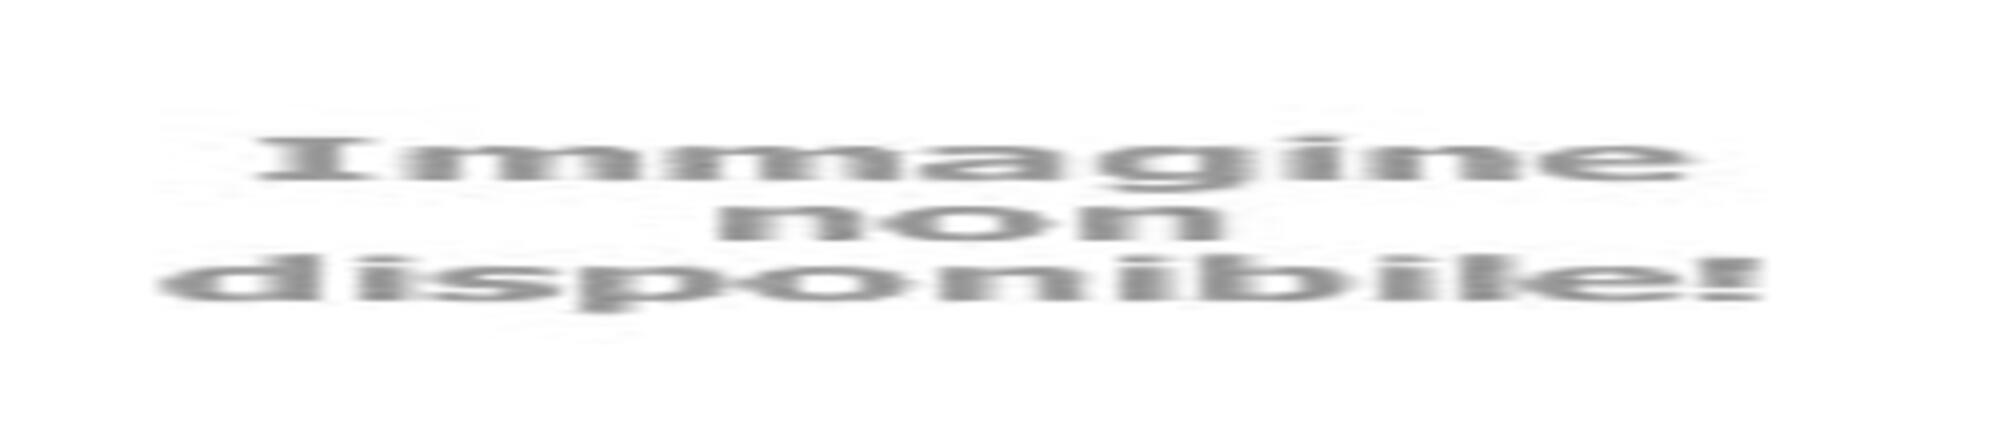 OFFERTISSIMA FESTA SAN FRANCESCO DI PAOLA  e PONTE PRIMO MAGGIO - HOTEL CLICHE' SAN LUCIDO